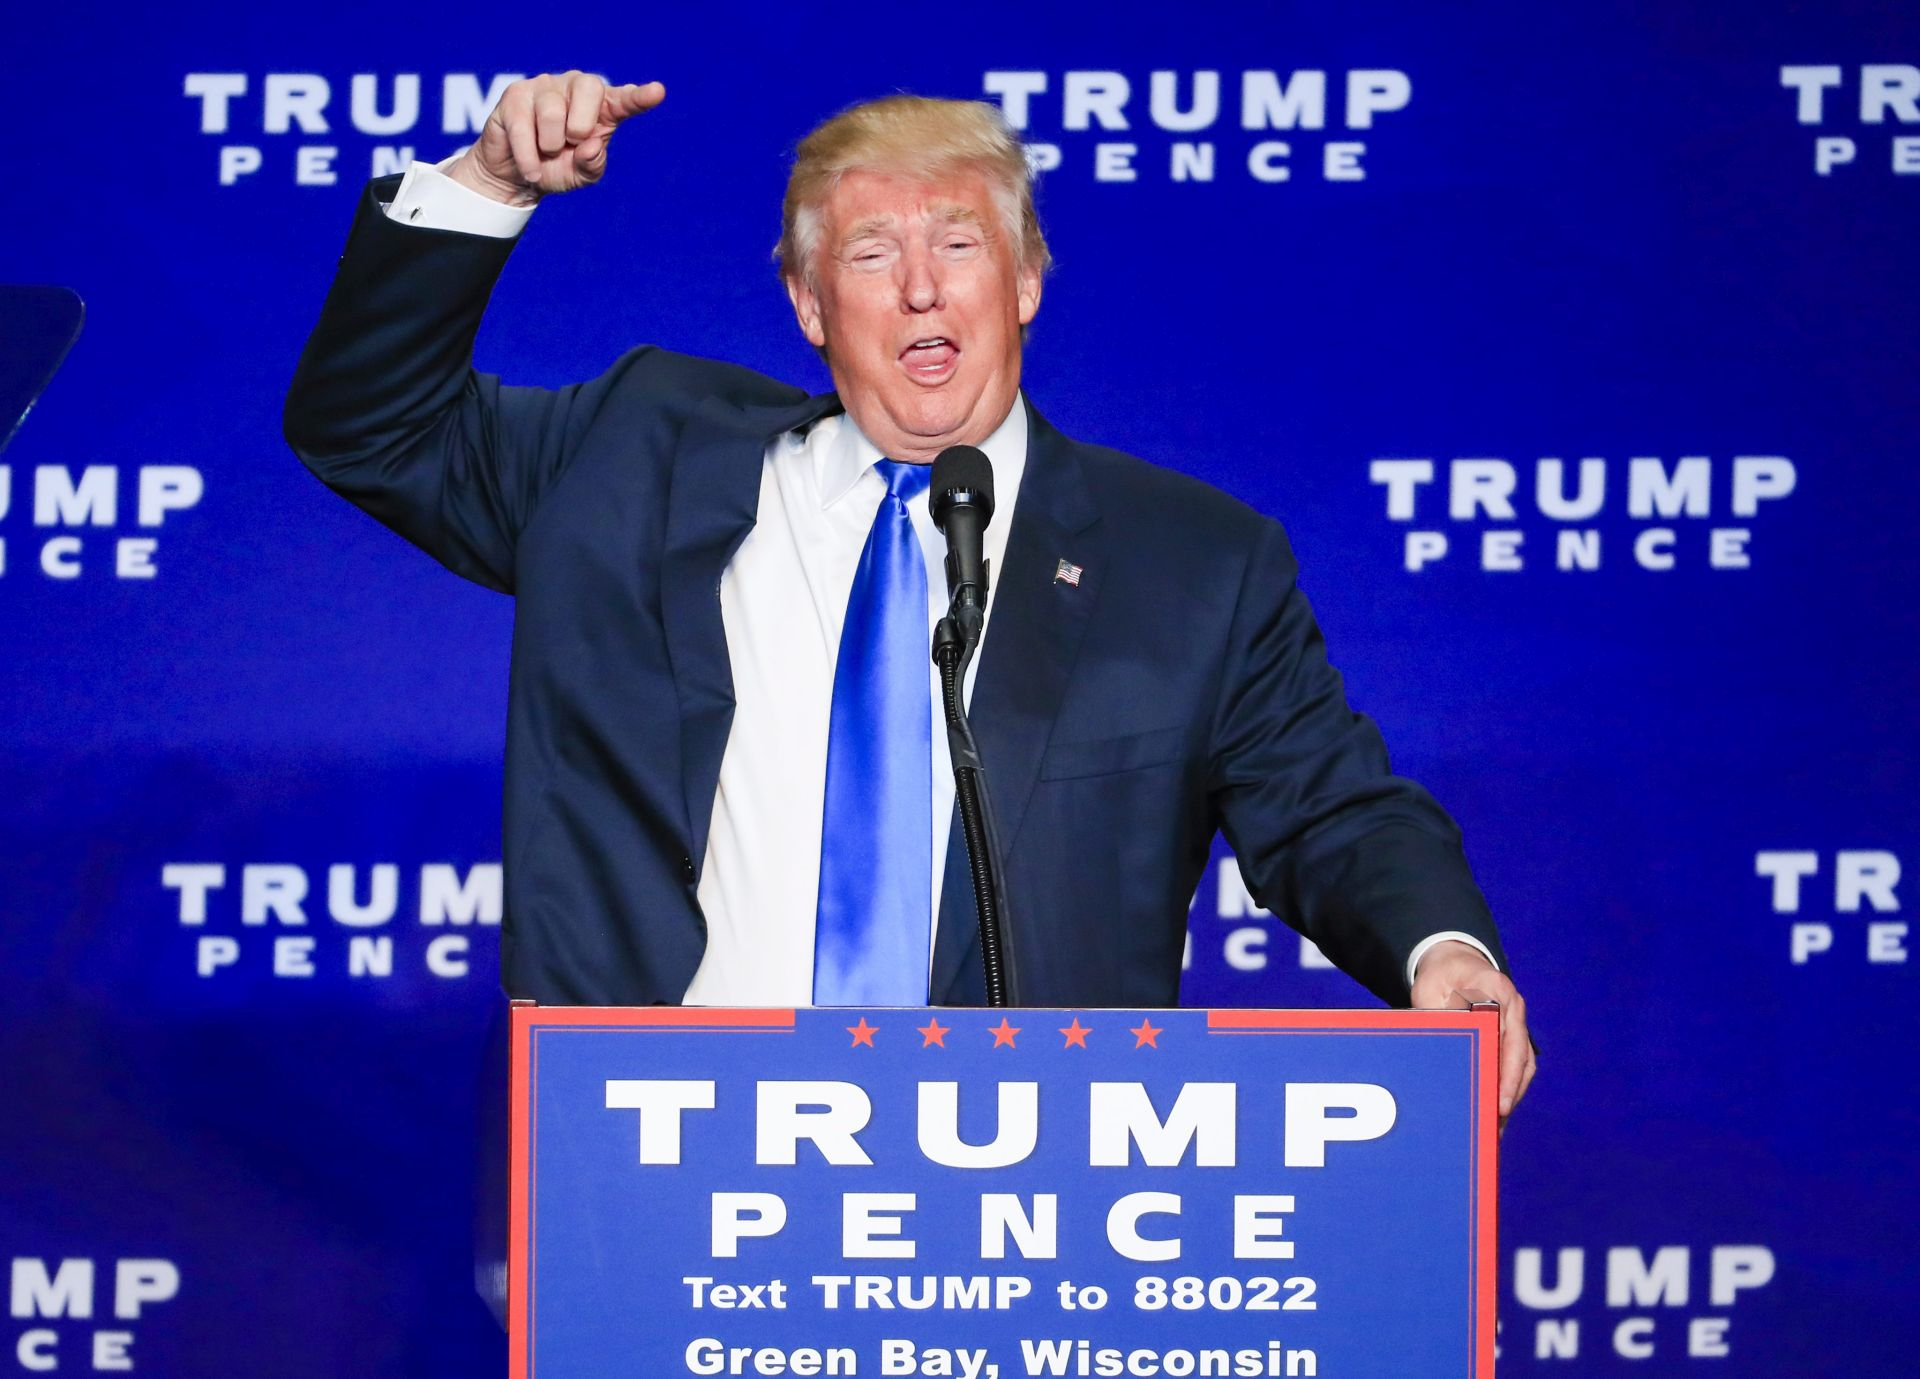 PREDSJEDNIČKI IZBORI: Trump u Gettysburgu izložio svoj program za prvih 100 dana